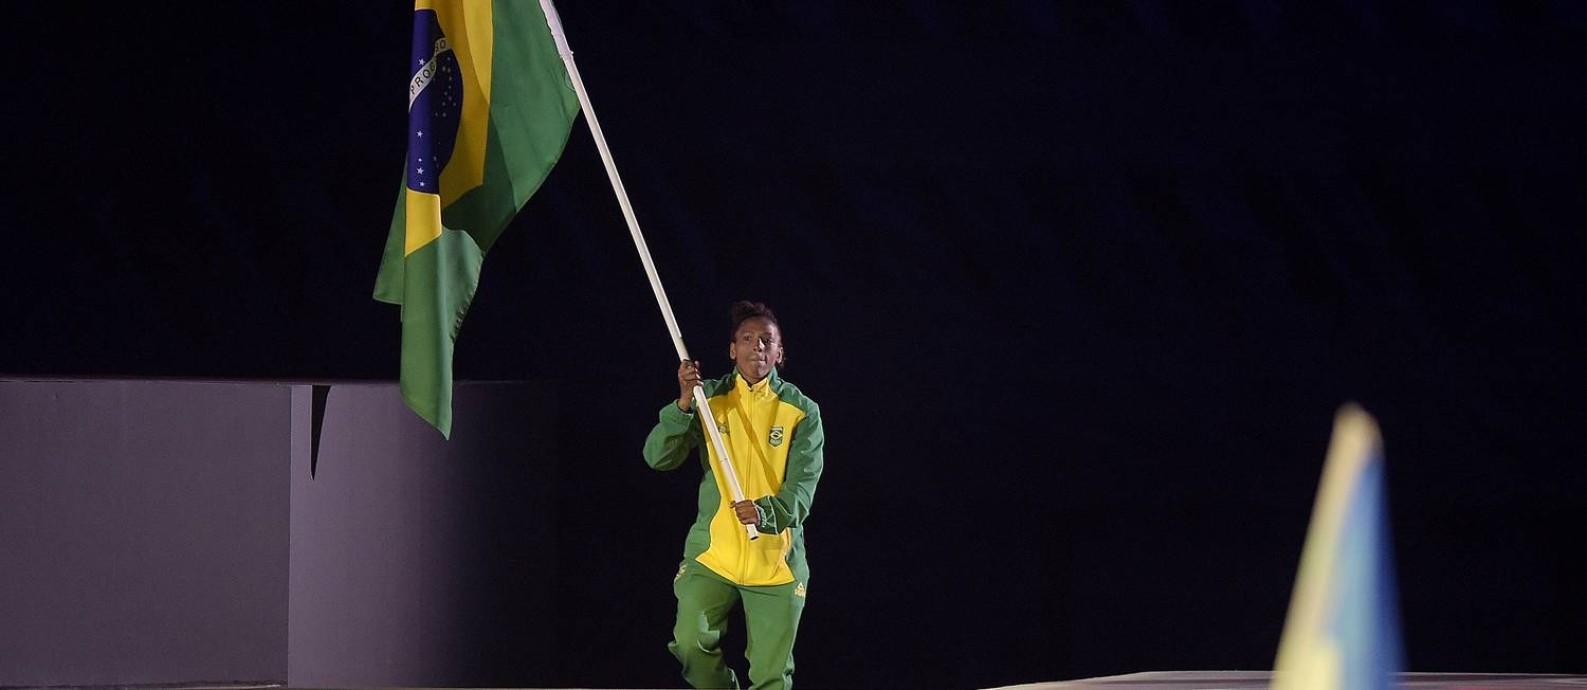 Rafaela Silva, ouro no judô, foi porta-bandeira do Brasil na cerimônia de encerramento Foto: Alexandre Loureiro/COB / Alexandre Loureiro/COB